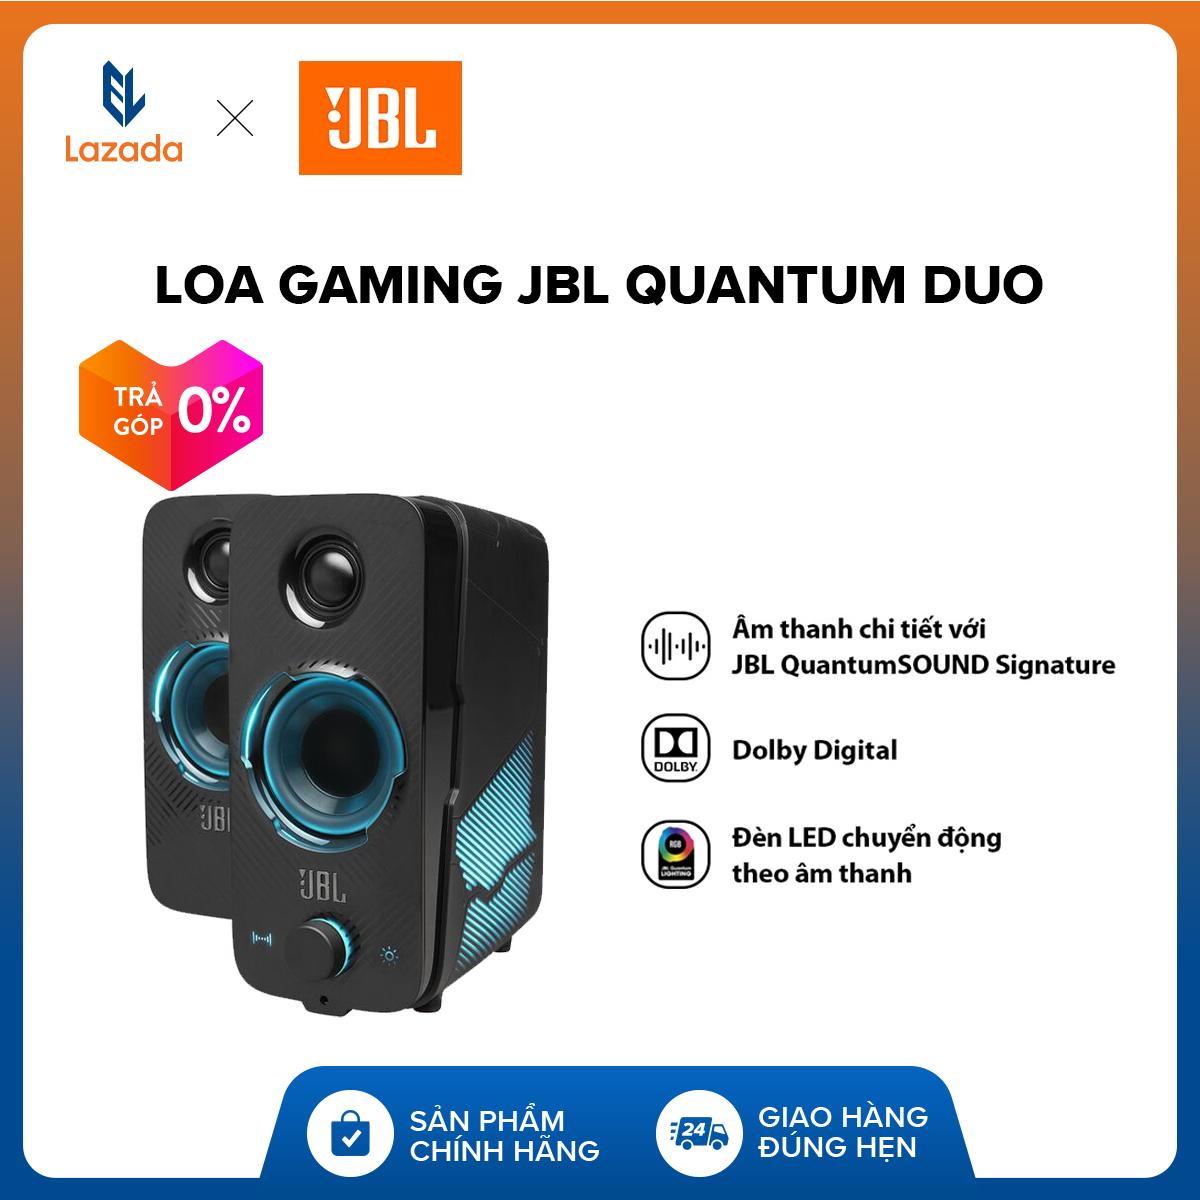 [VOUCHER 10%  - TRẢ GÓP 0%] Loa Gaming JBL Quantum Duo L Công Nghệ JBL QuantumSOUND Signature L Đèn LED L Tích Hợp Bluetooth L Tương Thích đa Nền Tảng Duy Nhất Khuyến Mại Hôm Nay